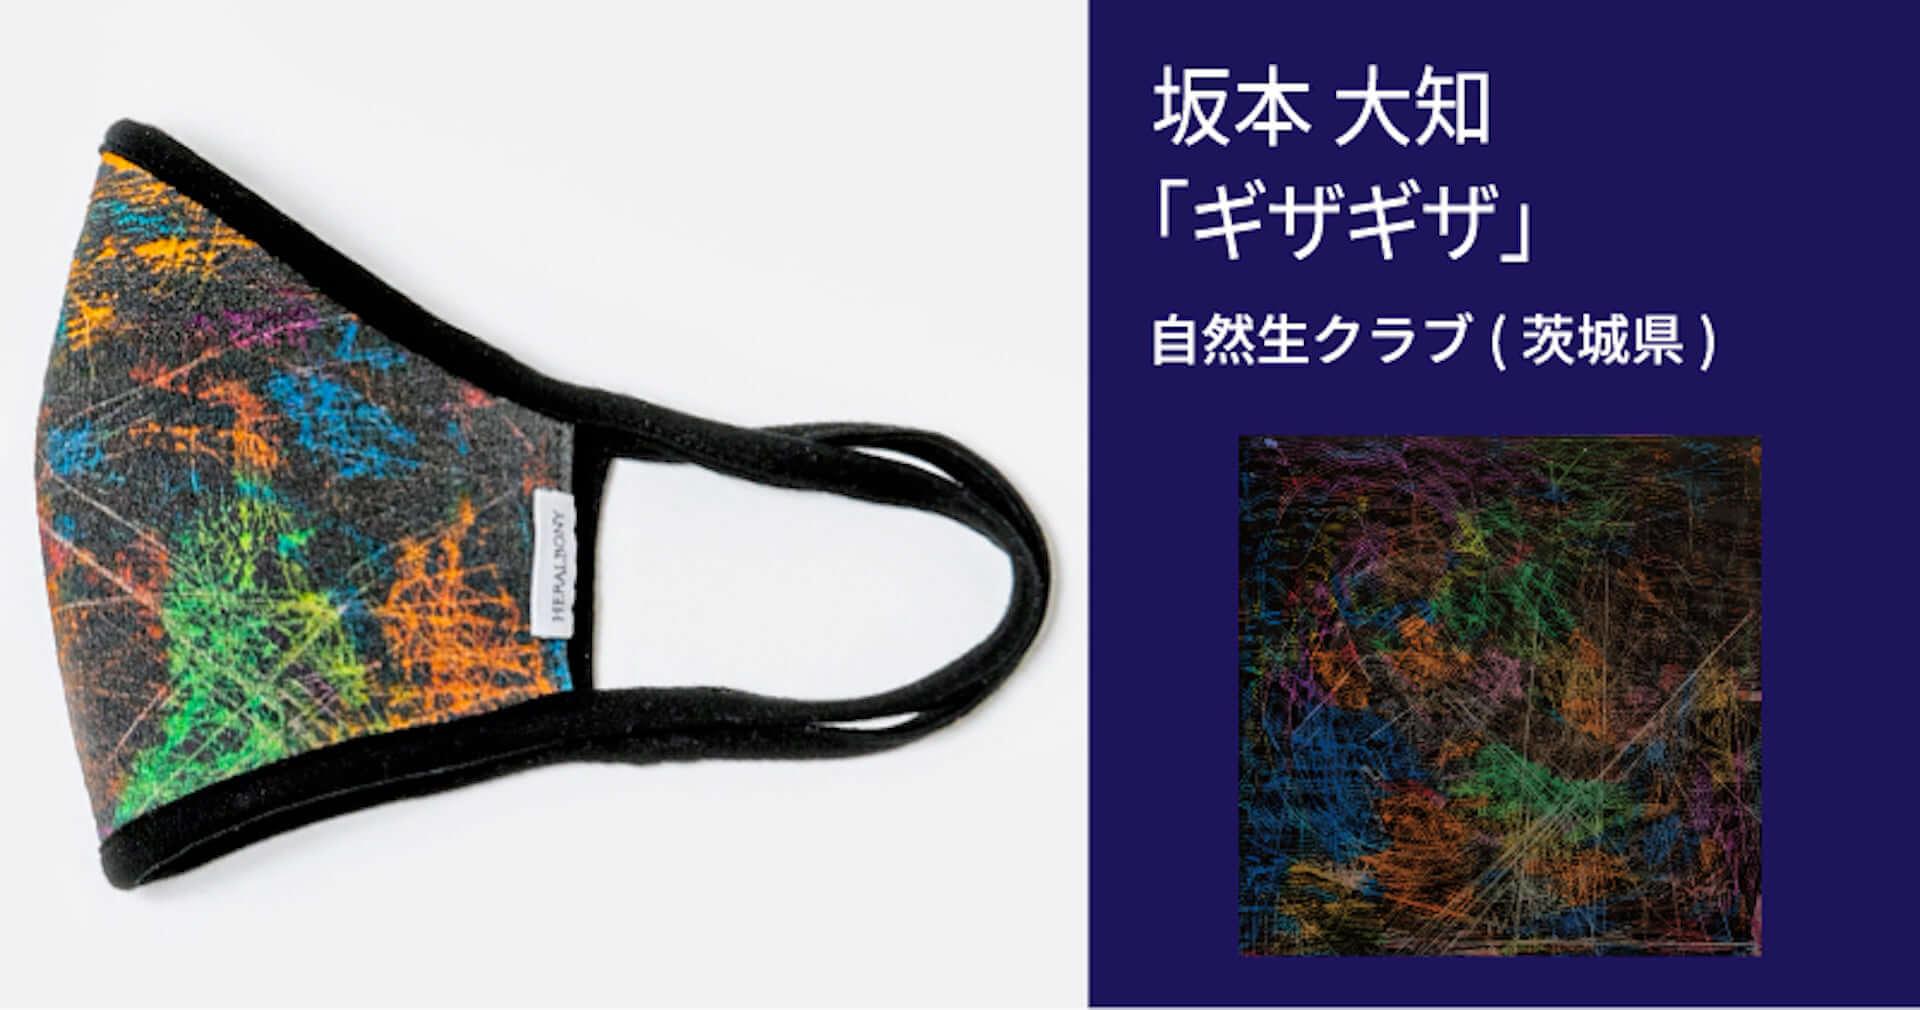 知的障害のあるアーティストが手掛けた『アートマスク』のクラウドファンディングが公開!マスクには抗ウイルス加工材を使用 ac200610_heralbony_mask_08-1920x1010